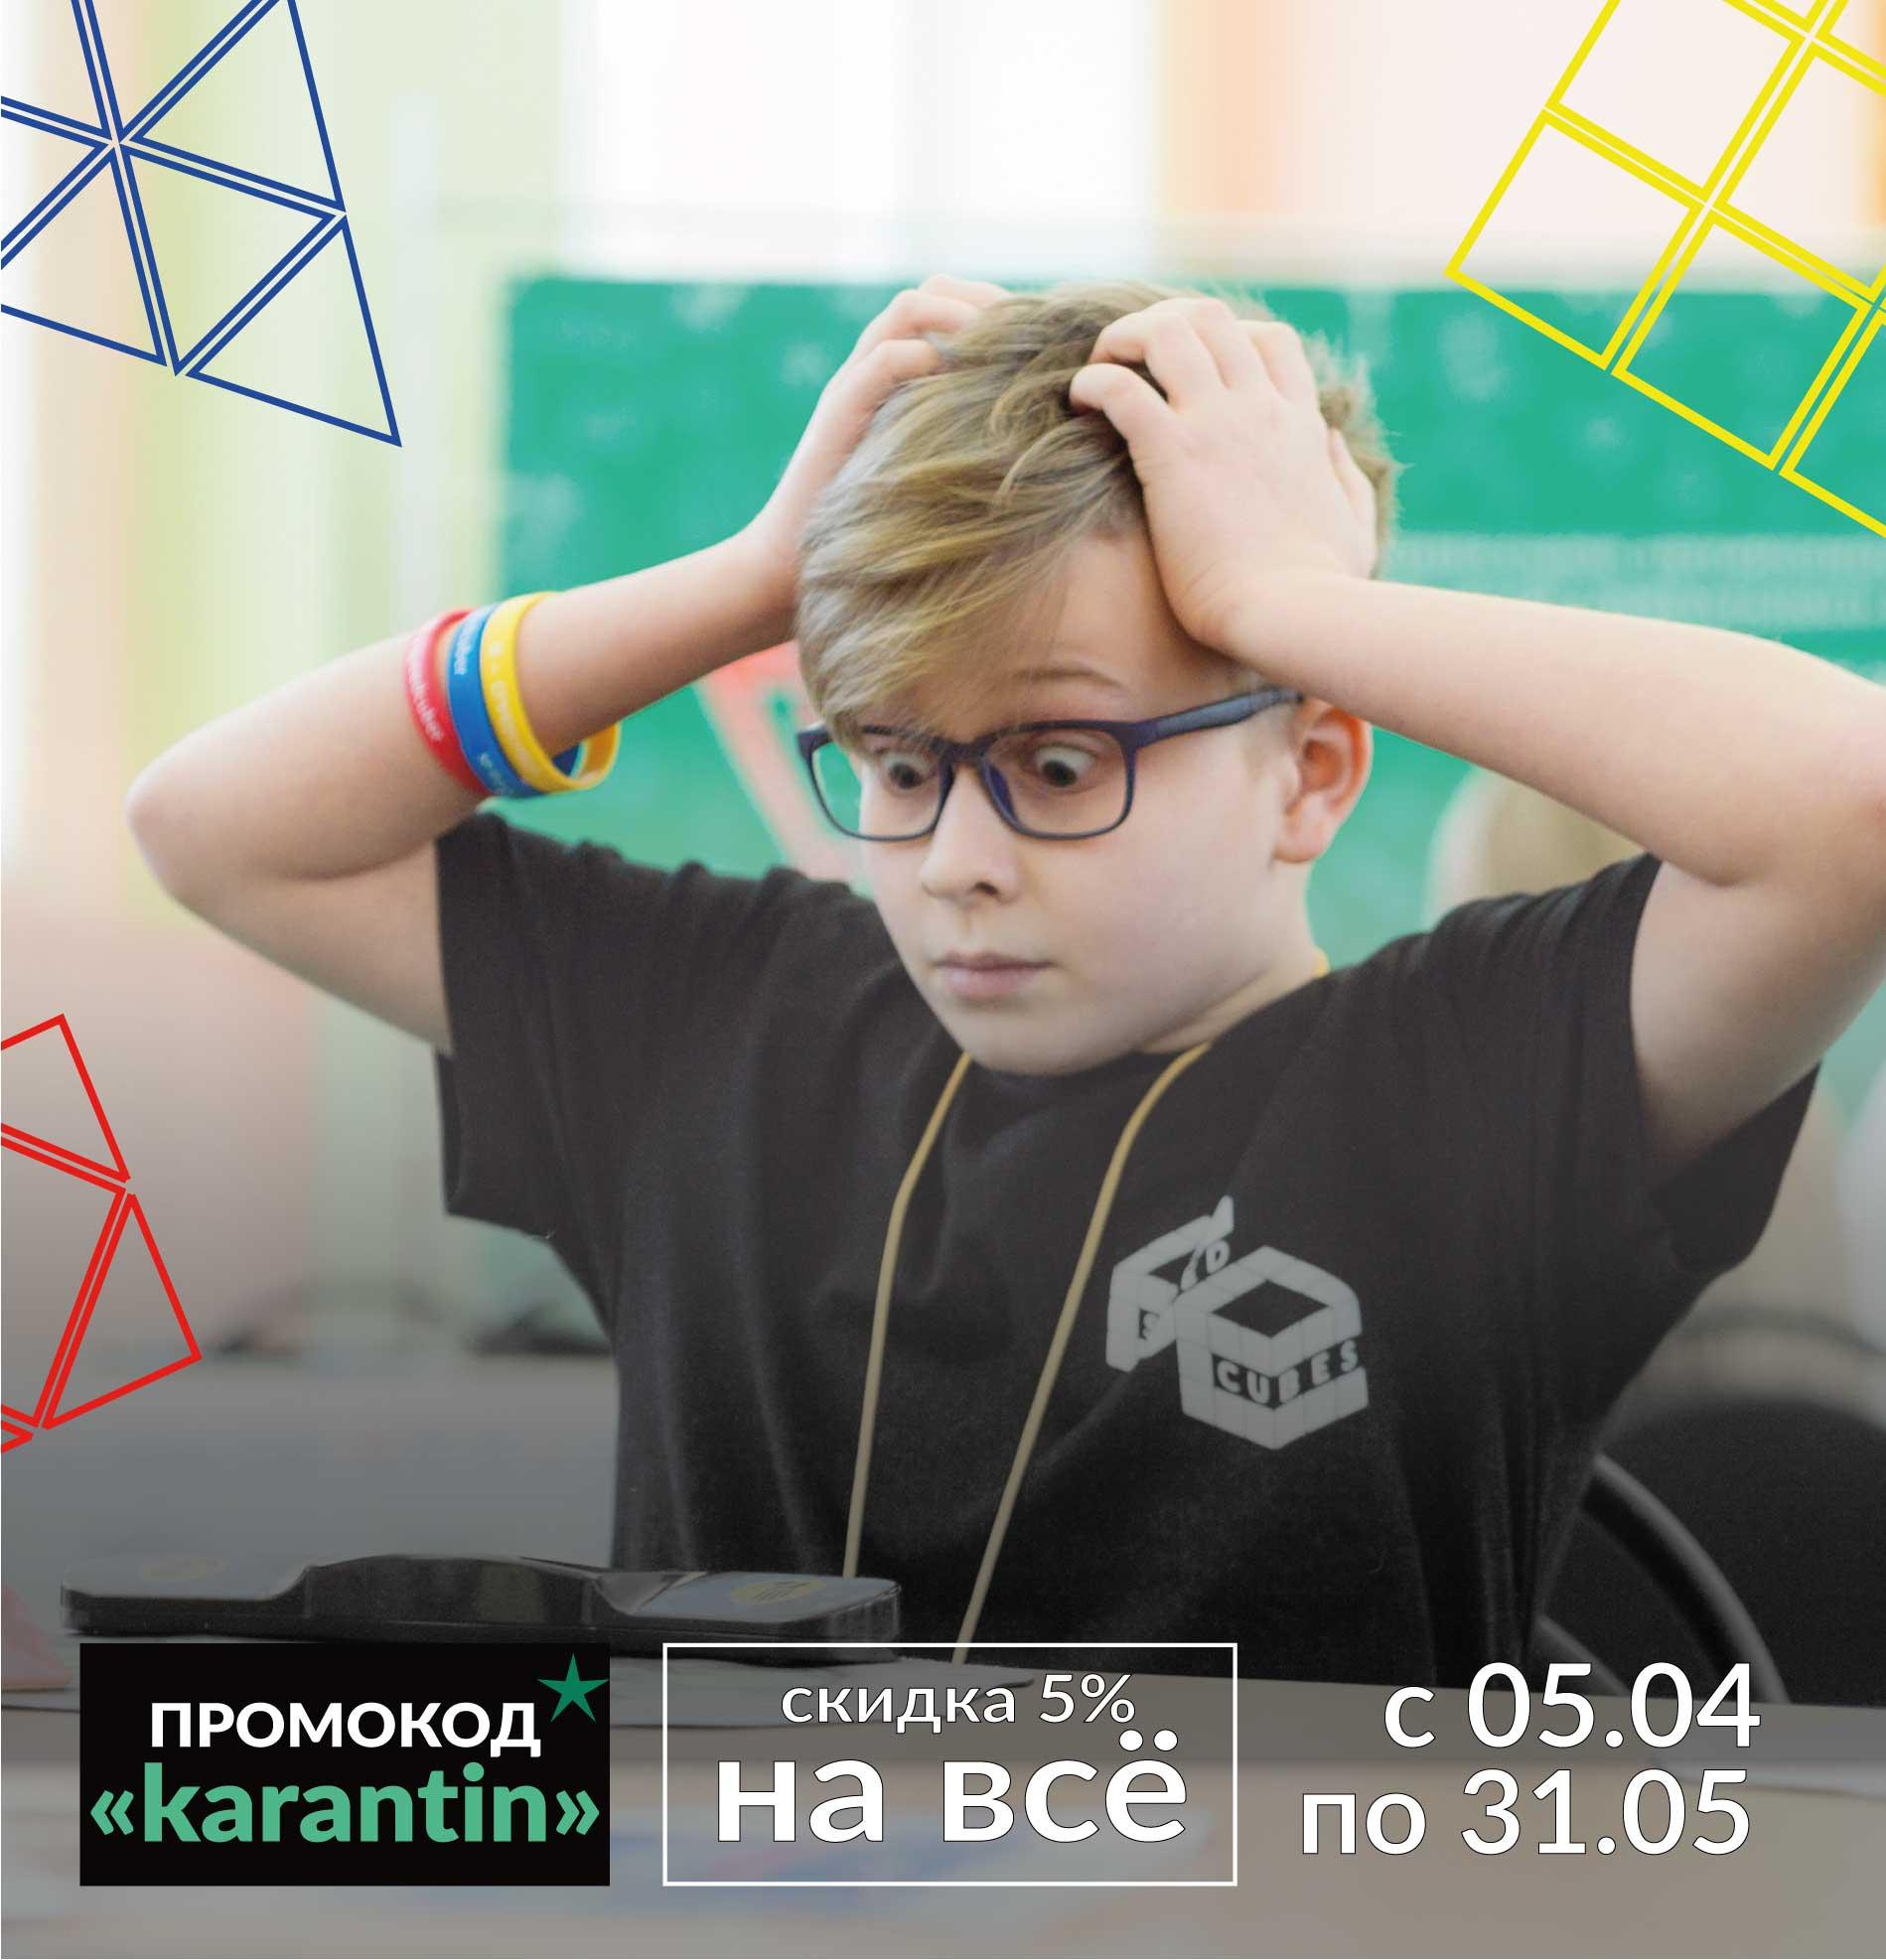 СКИДКИ С 5.04 ПО 30.06!